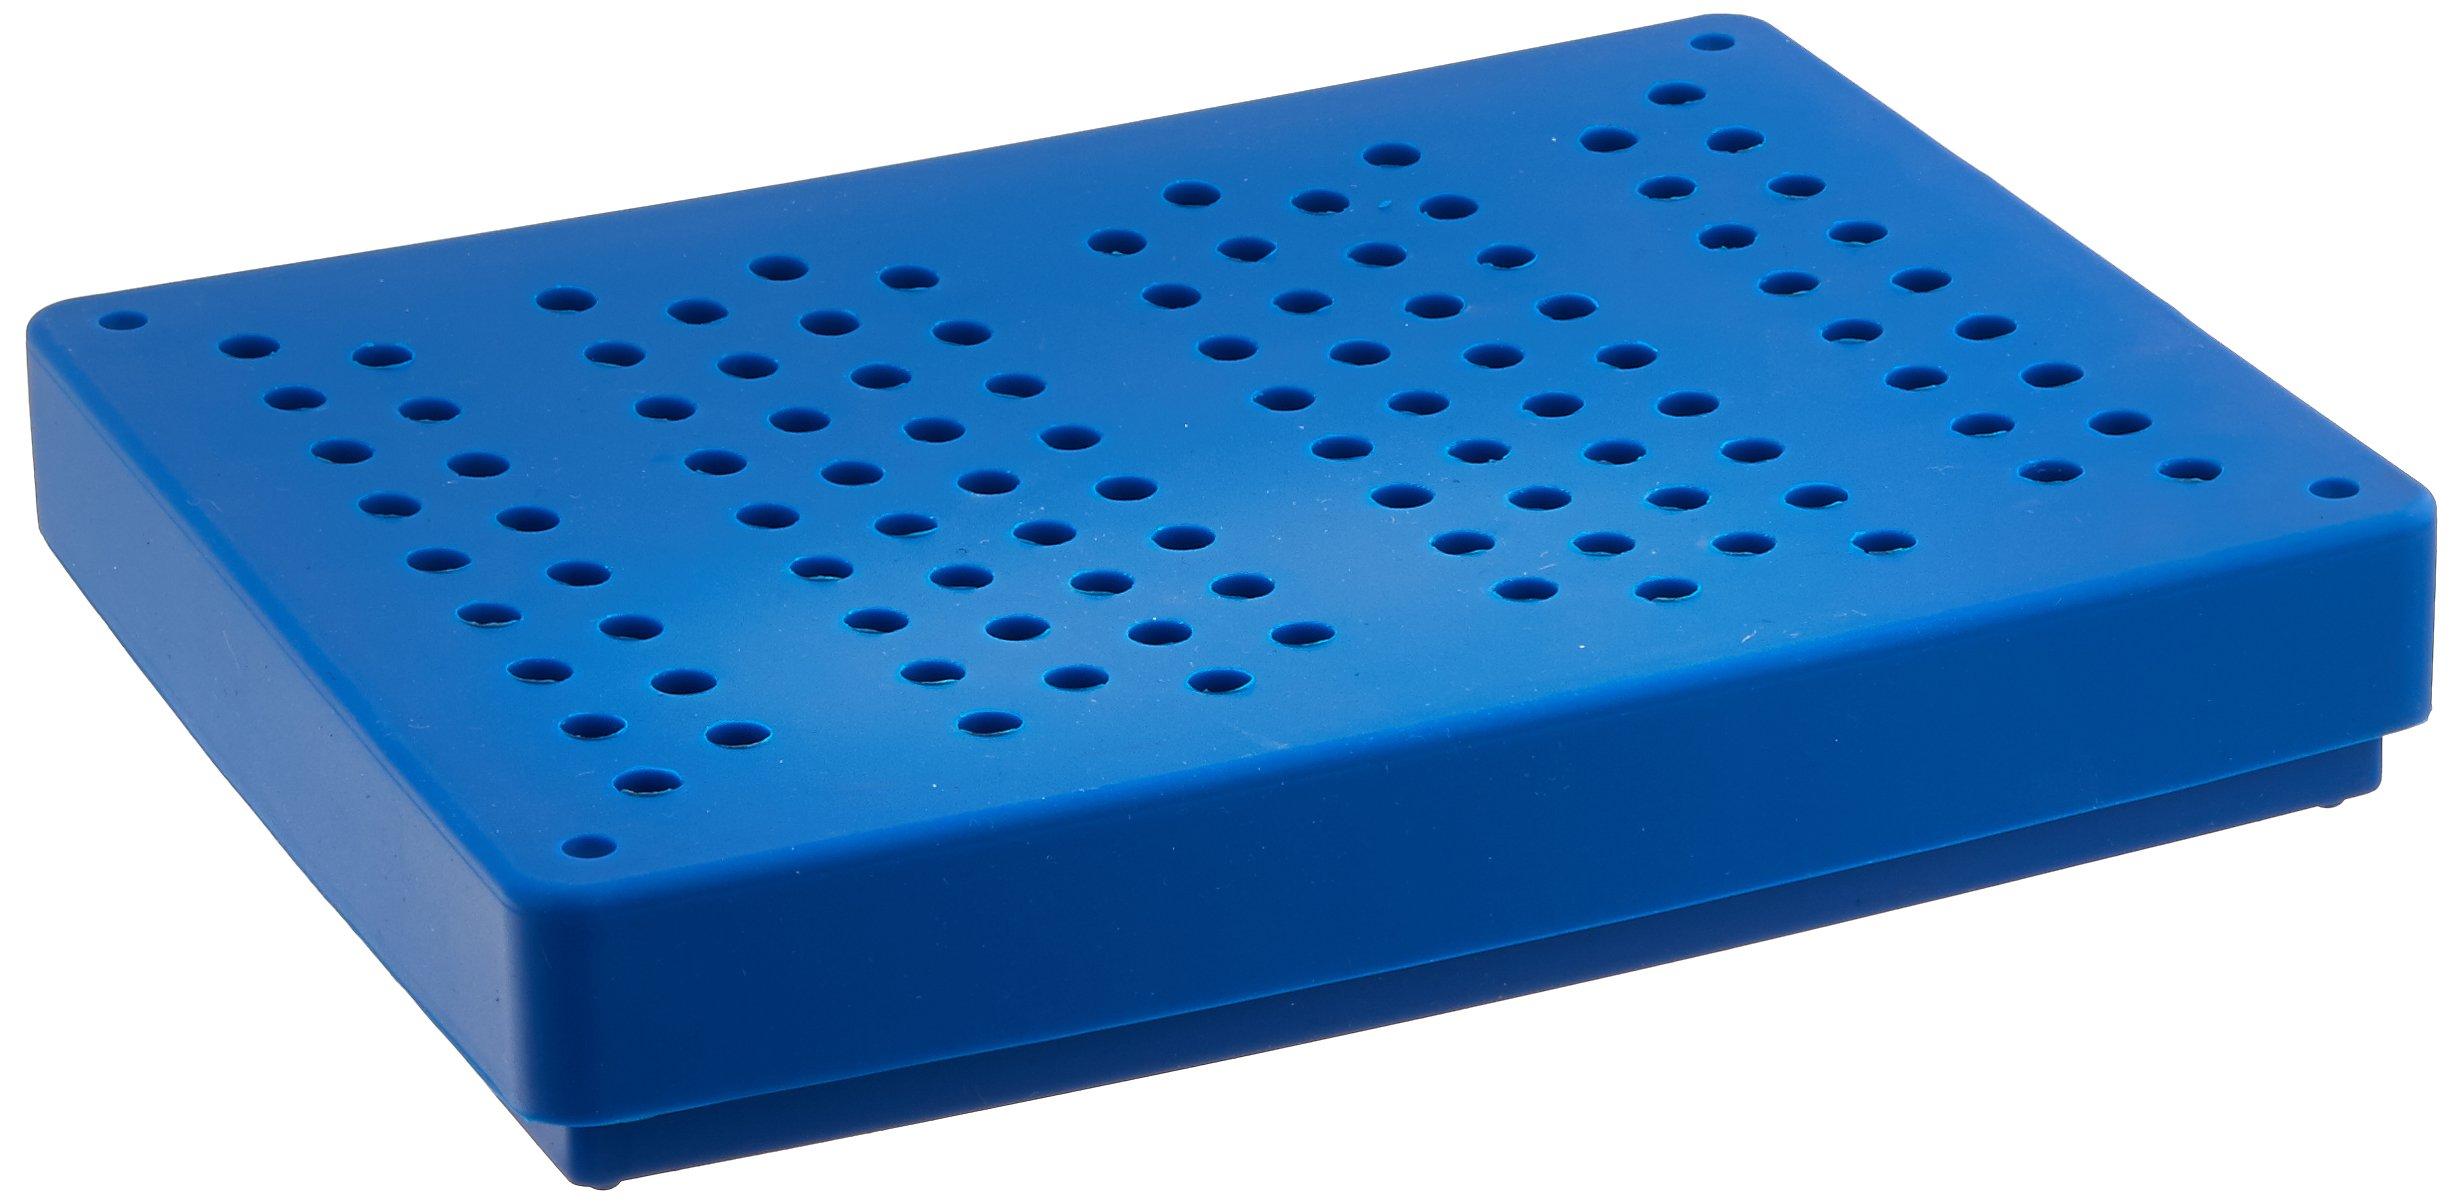 Practicon 7039771 Cool Cassette 10 Instrument